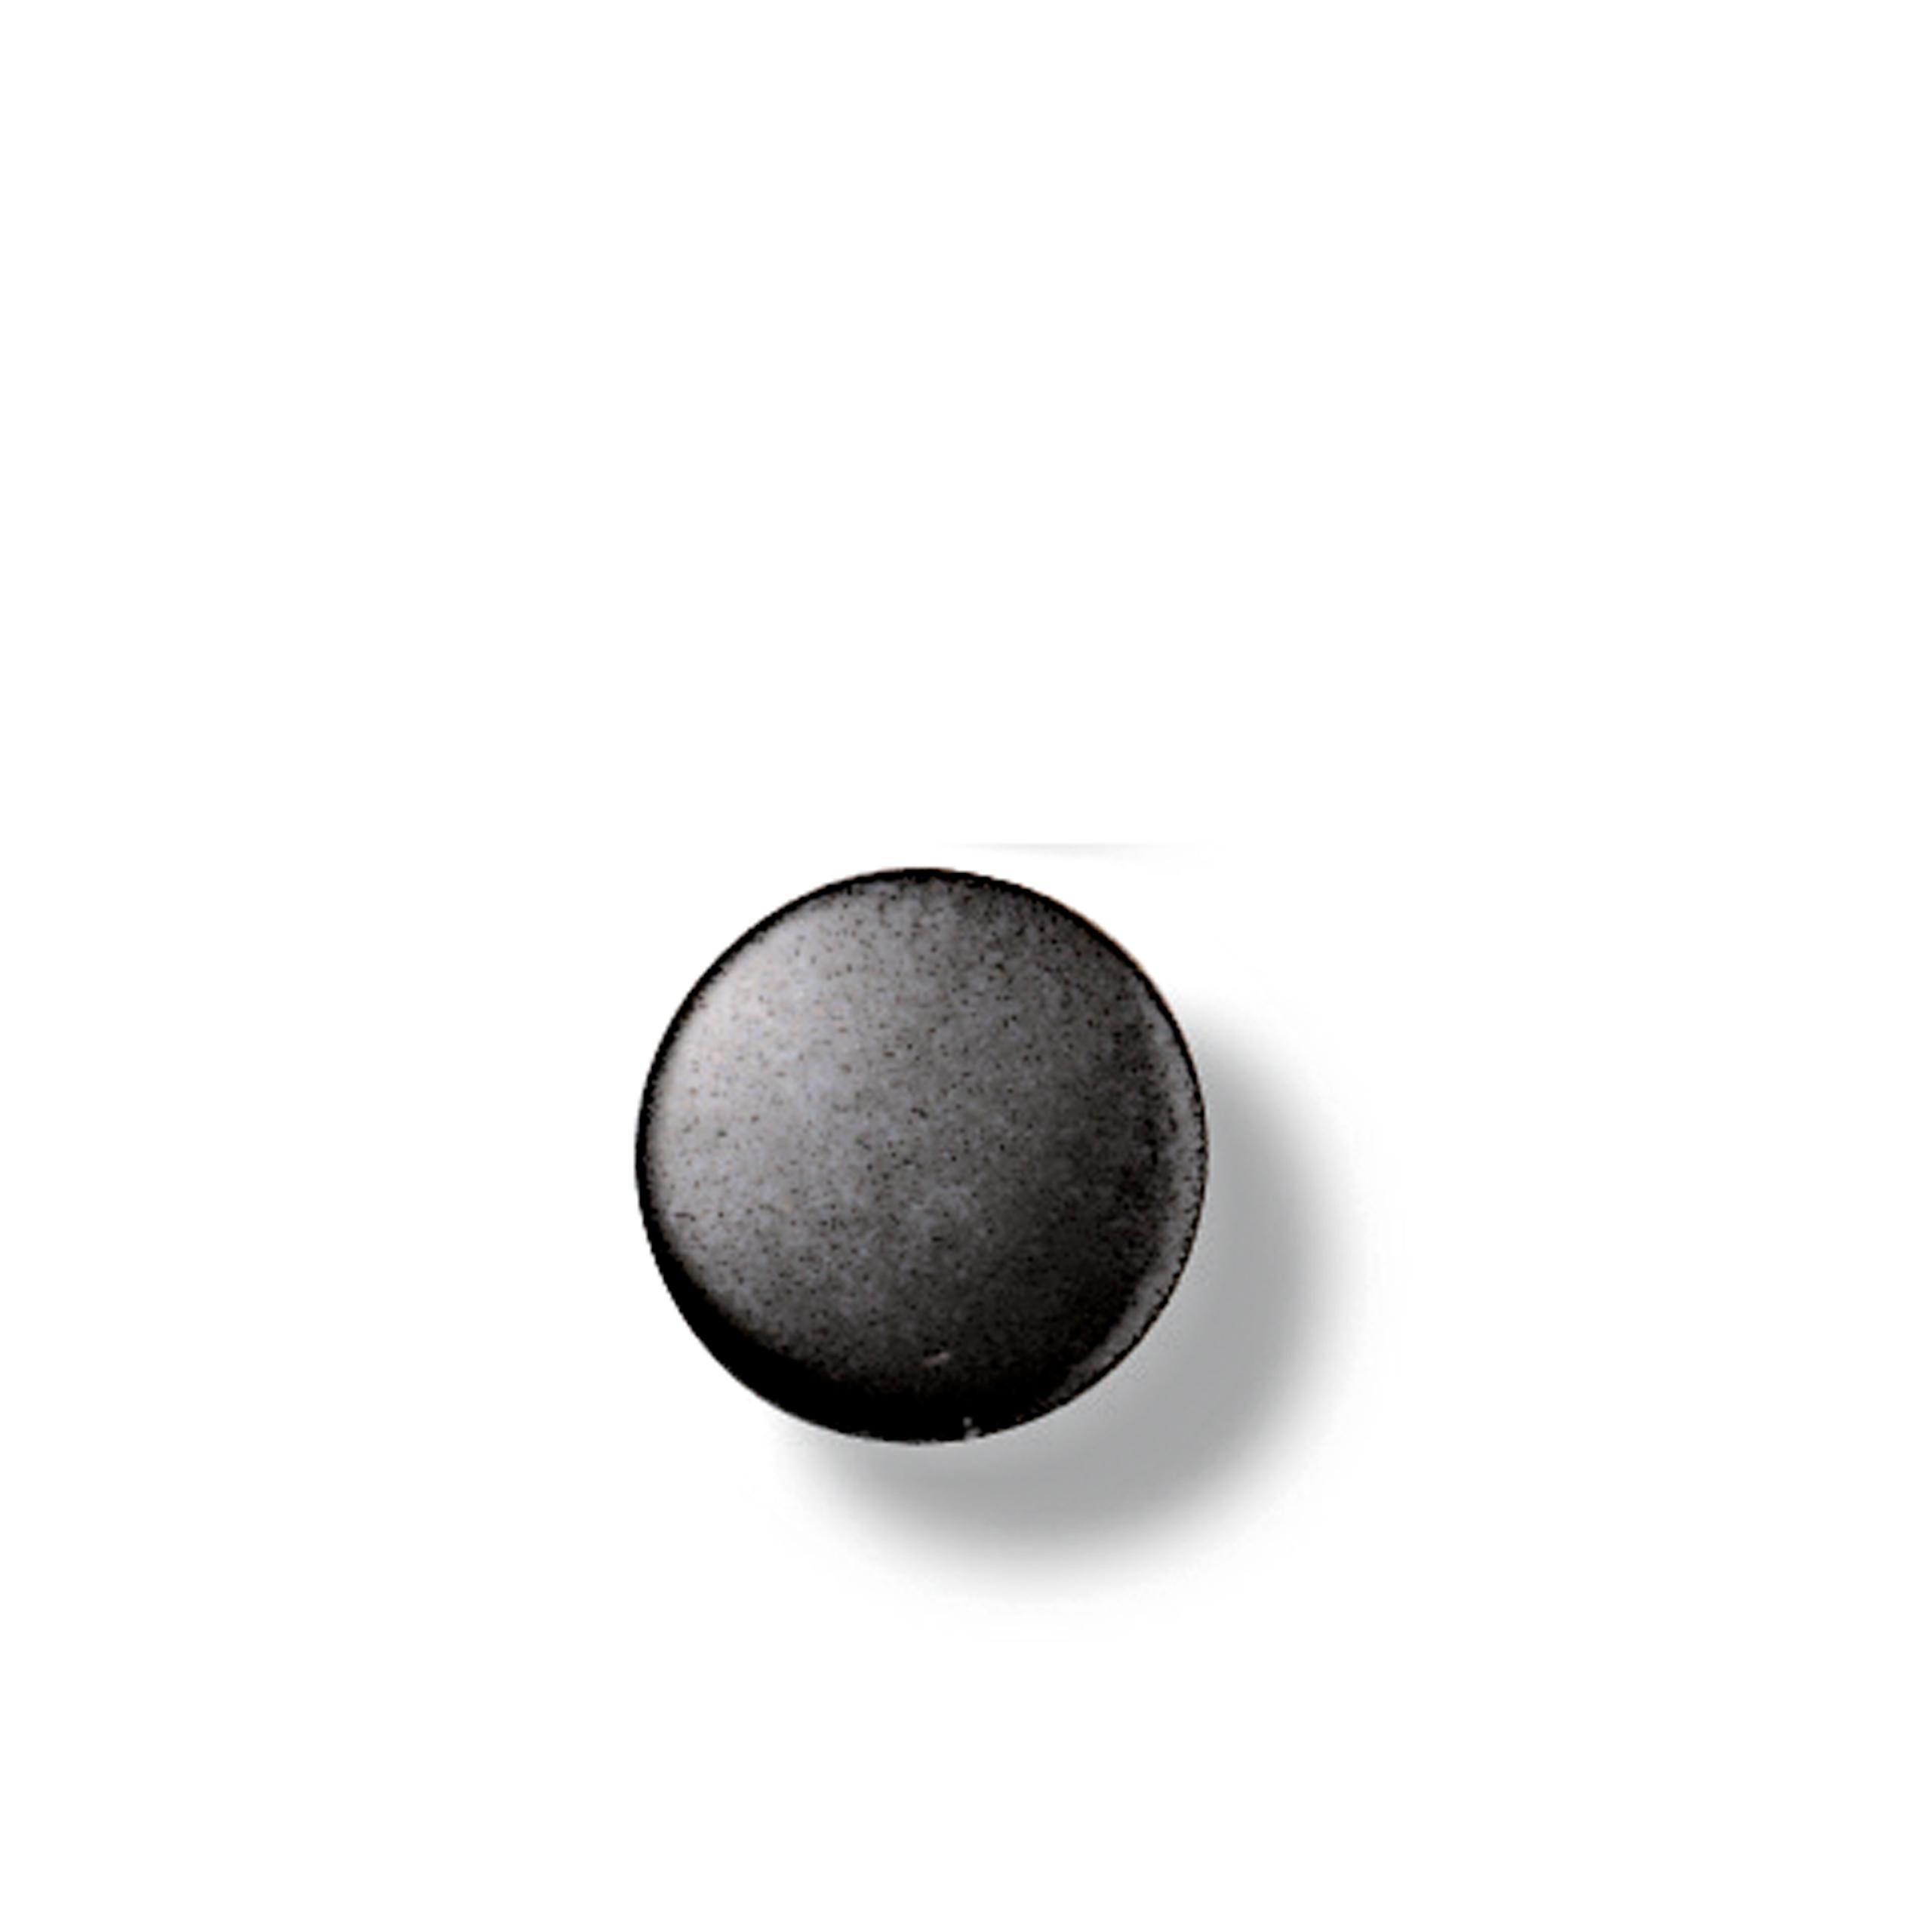 Nieten, 9mm, Prym - Art. 403101